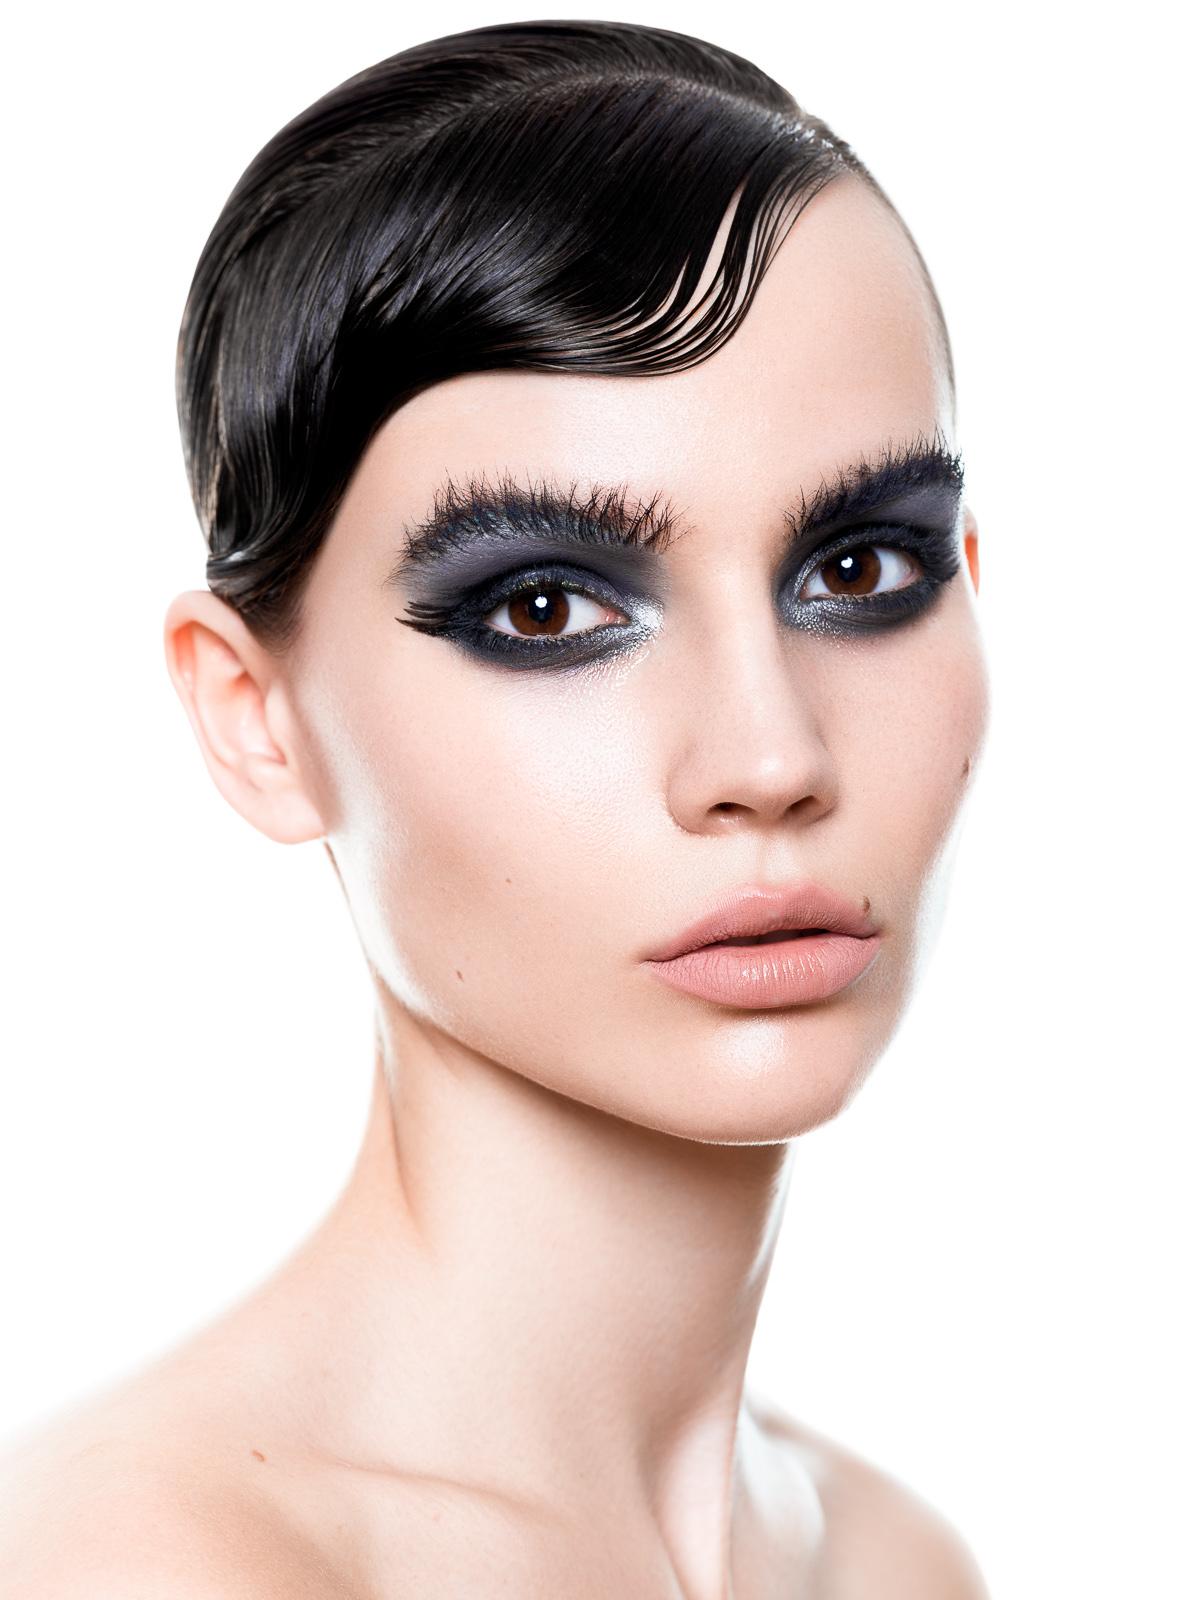 Rio Olympics 2016 Make-Up Inspiration, Rio Olympics 2016, Rio Olympics beauty